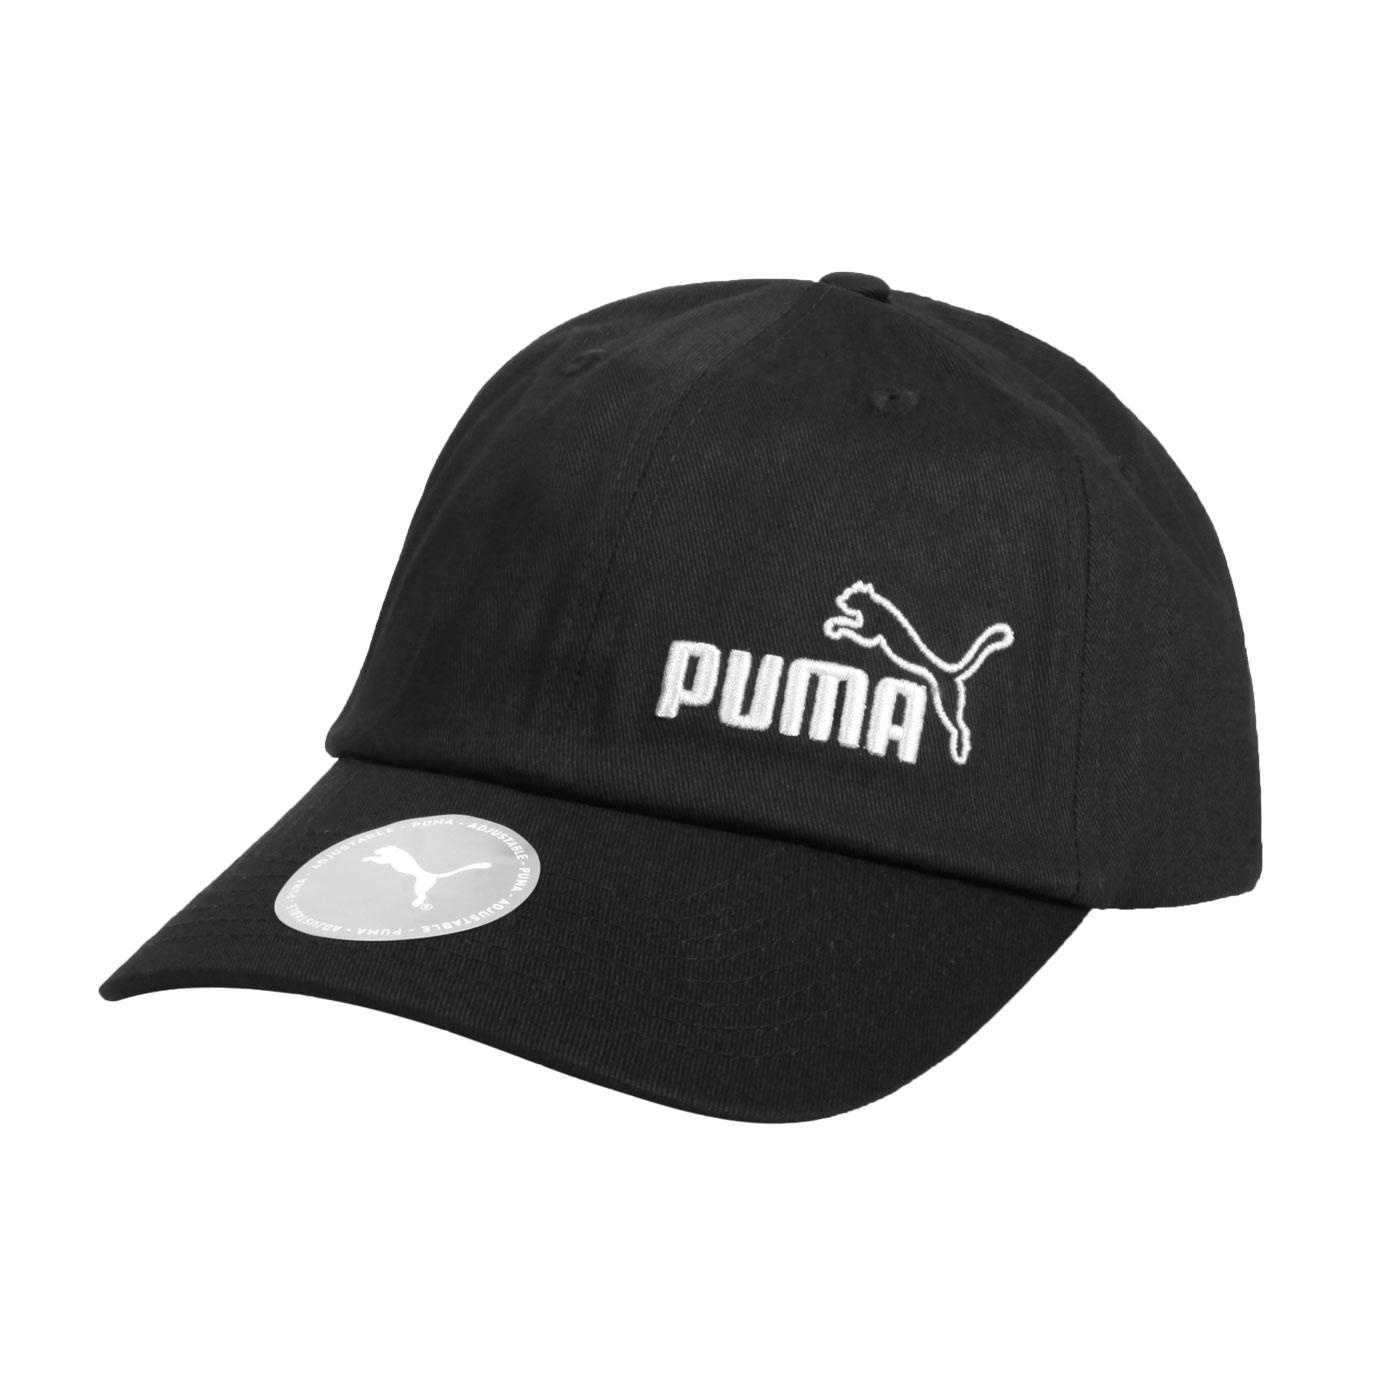 PUMA 基本系列棒球帽 02254325